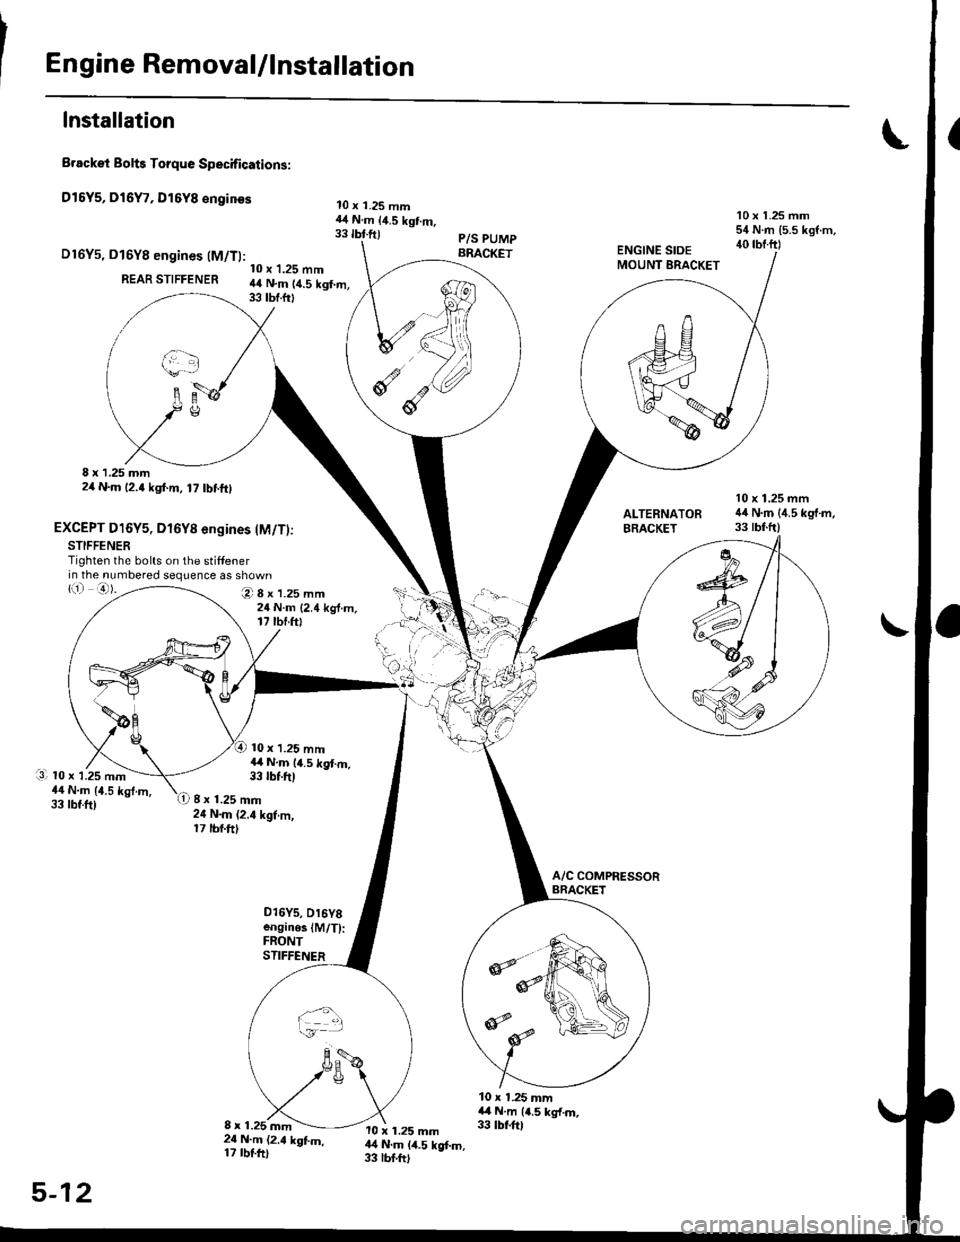 HONDA CIVIC 1998 6.G Workshop Manual